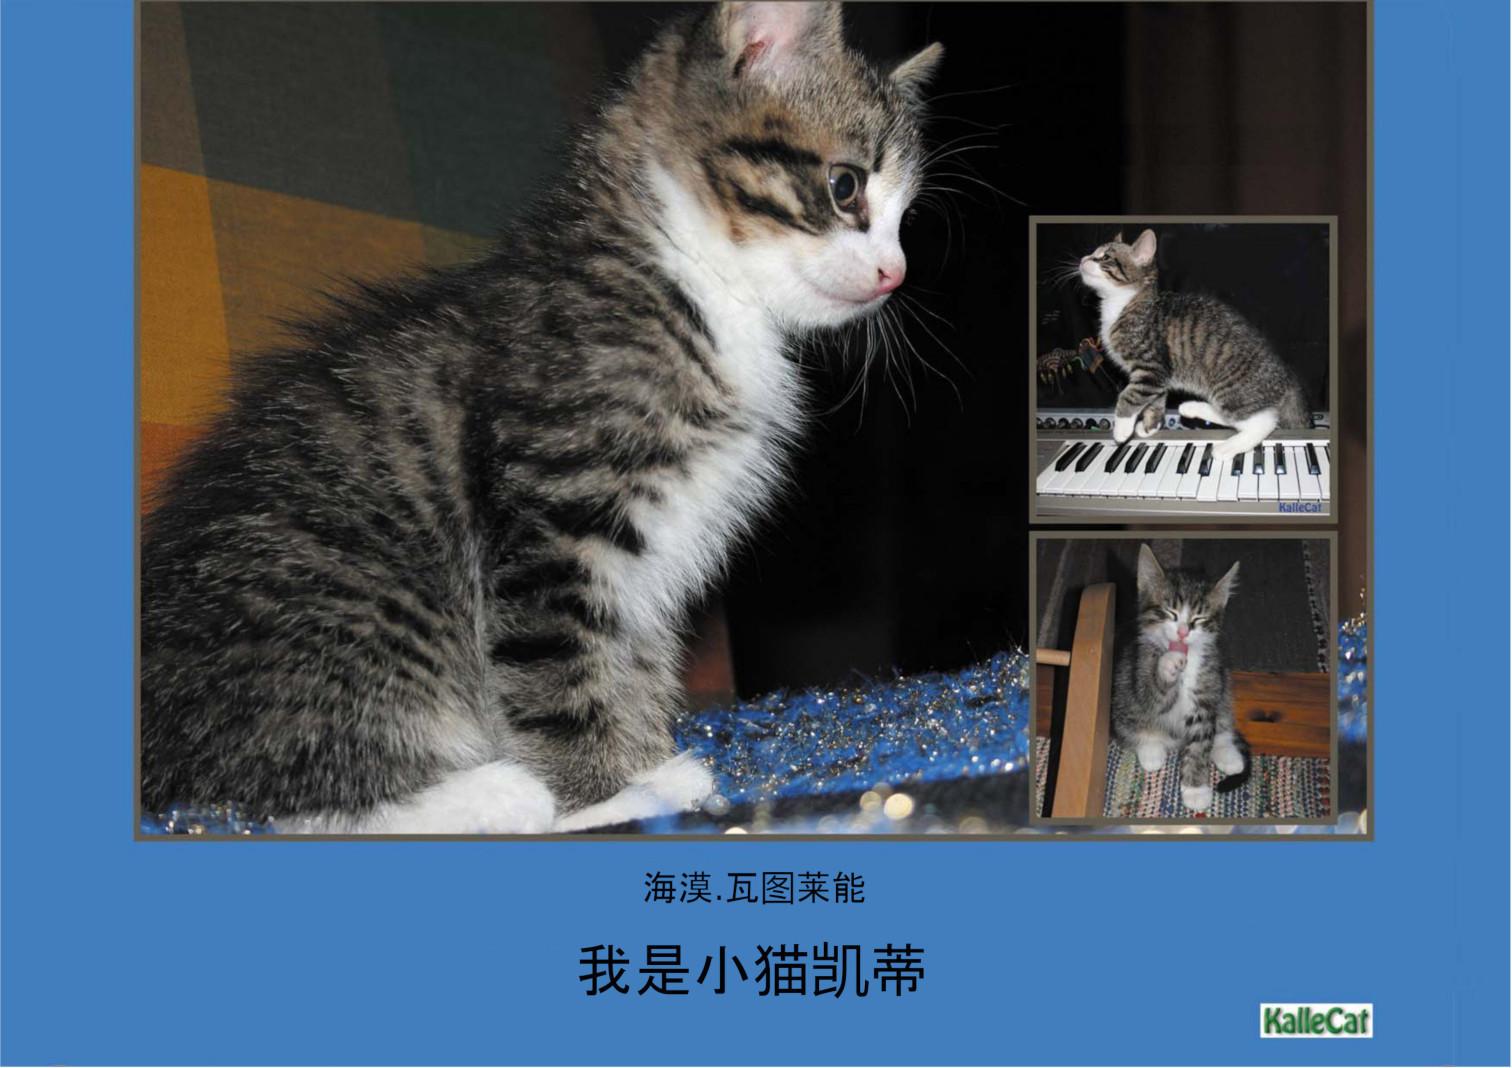 我是小猫凯蒂: 照片书